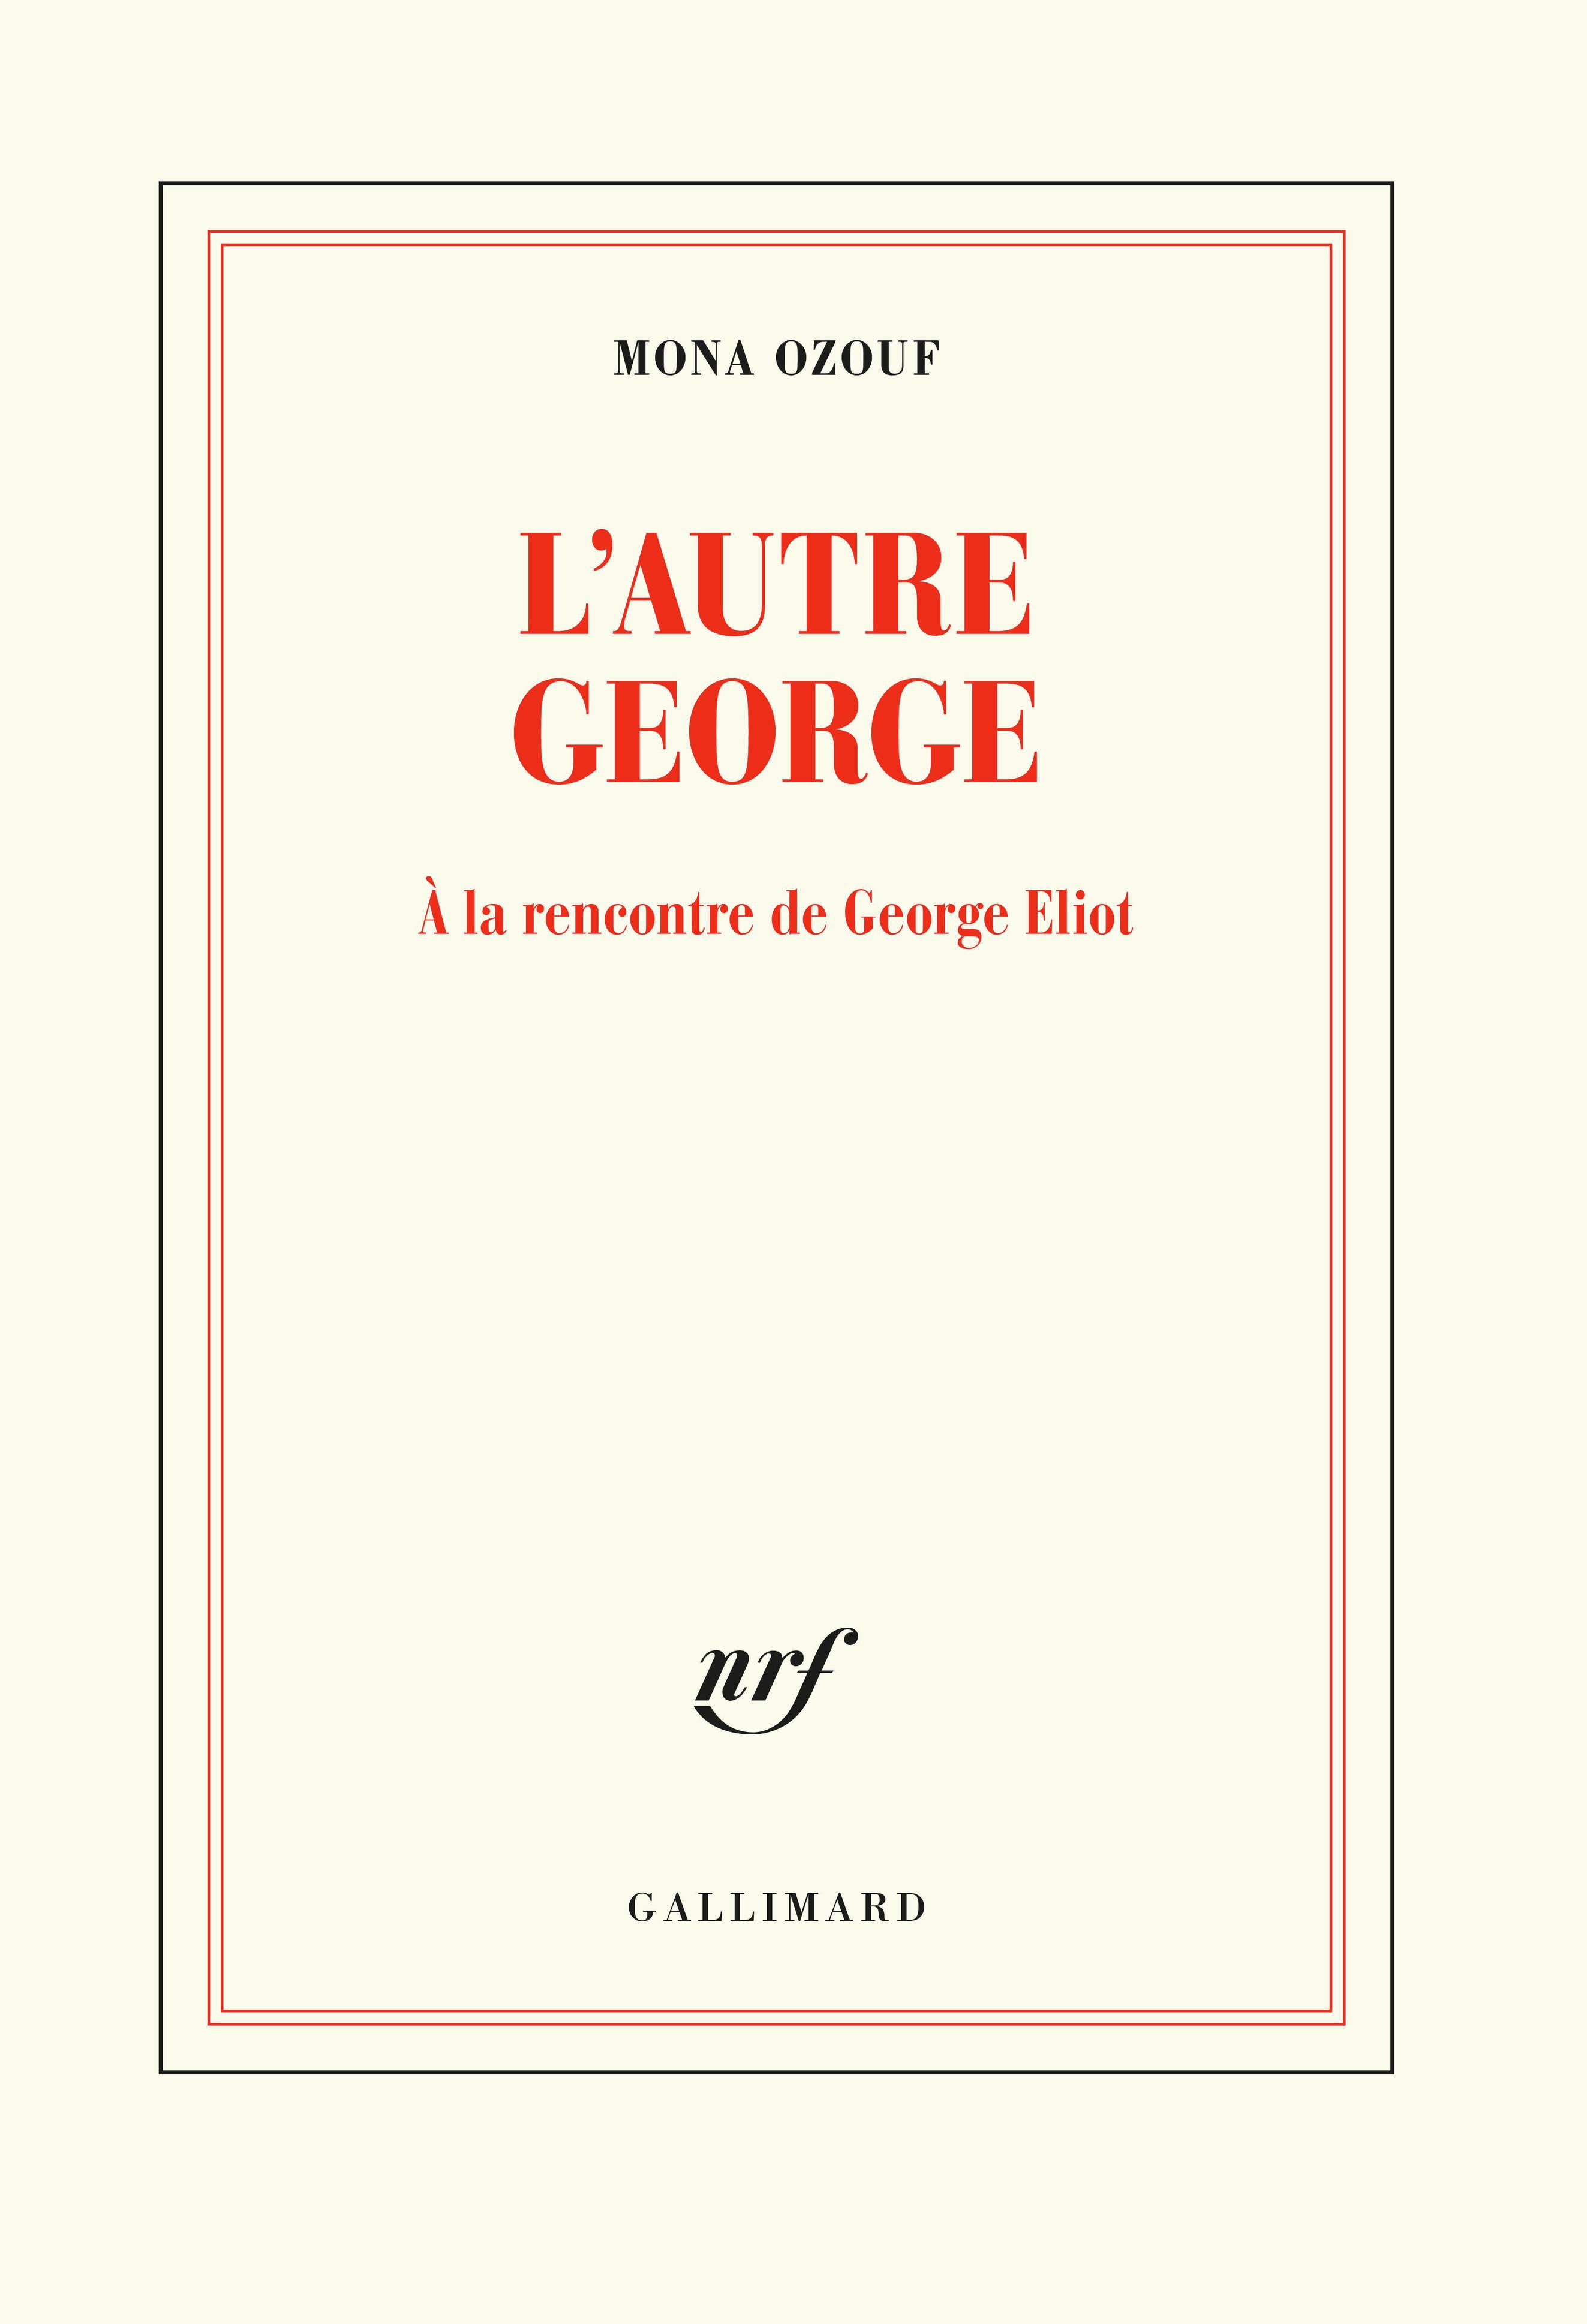 M. Ozouf, L'Autre George. À la rencontre de George Eliot